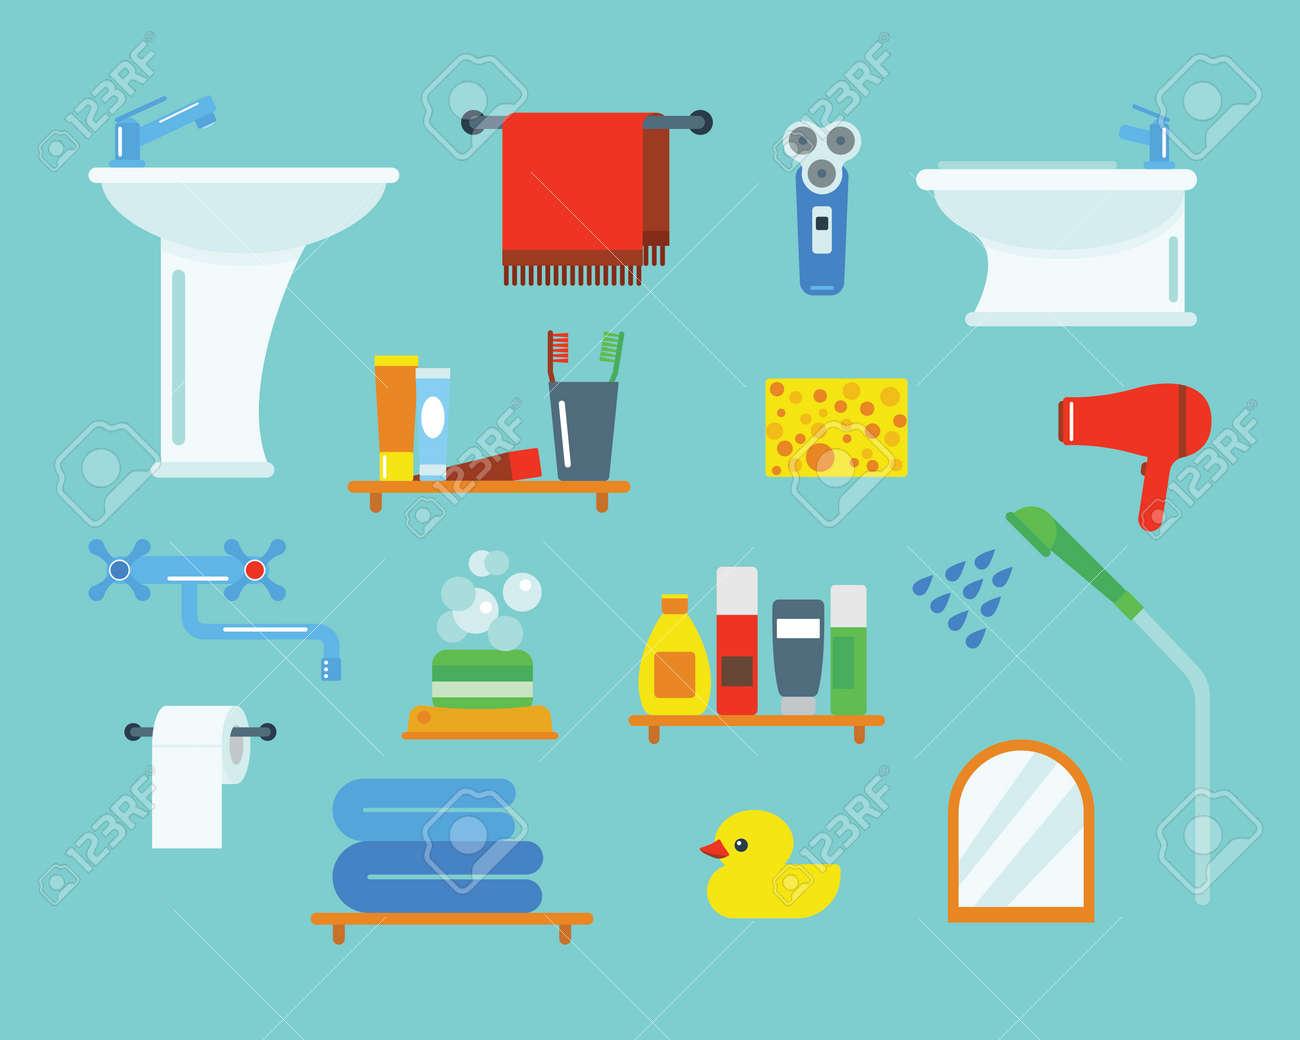 Bad Geräte Symbole Dusche Flache ClipArt Abbildung Für Bad  Hygiene Vektor Design